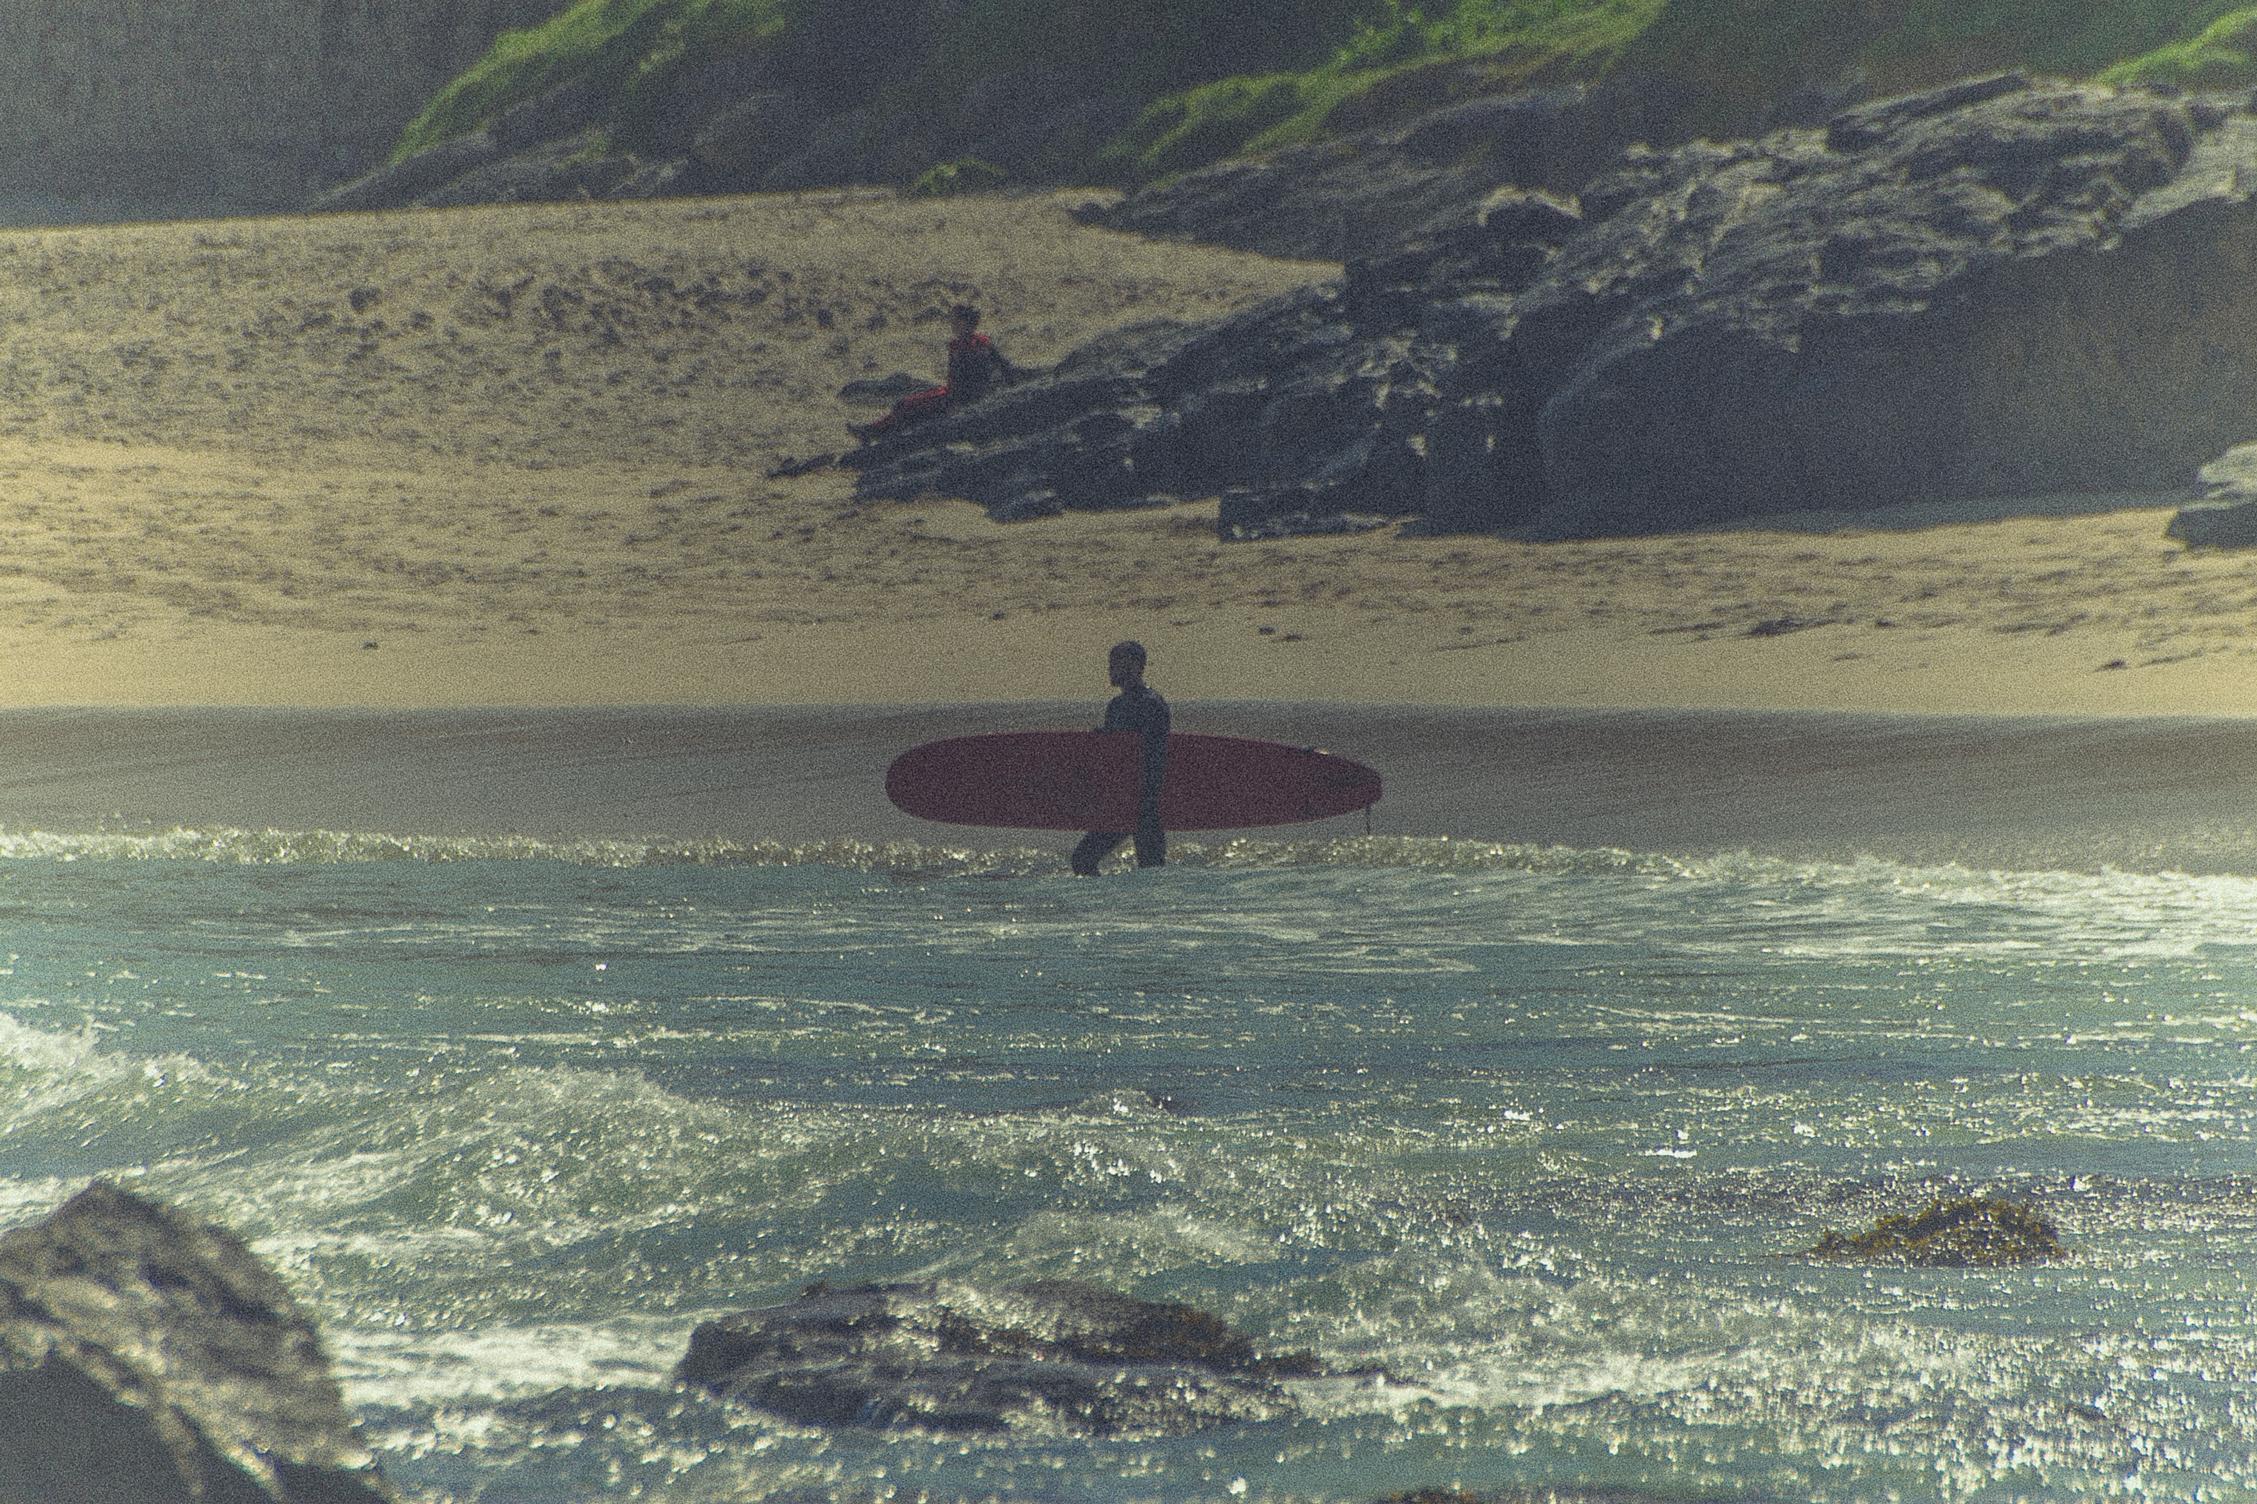 Surfing_2009-7381.jpg